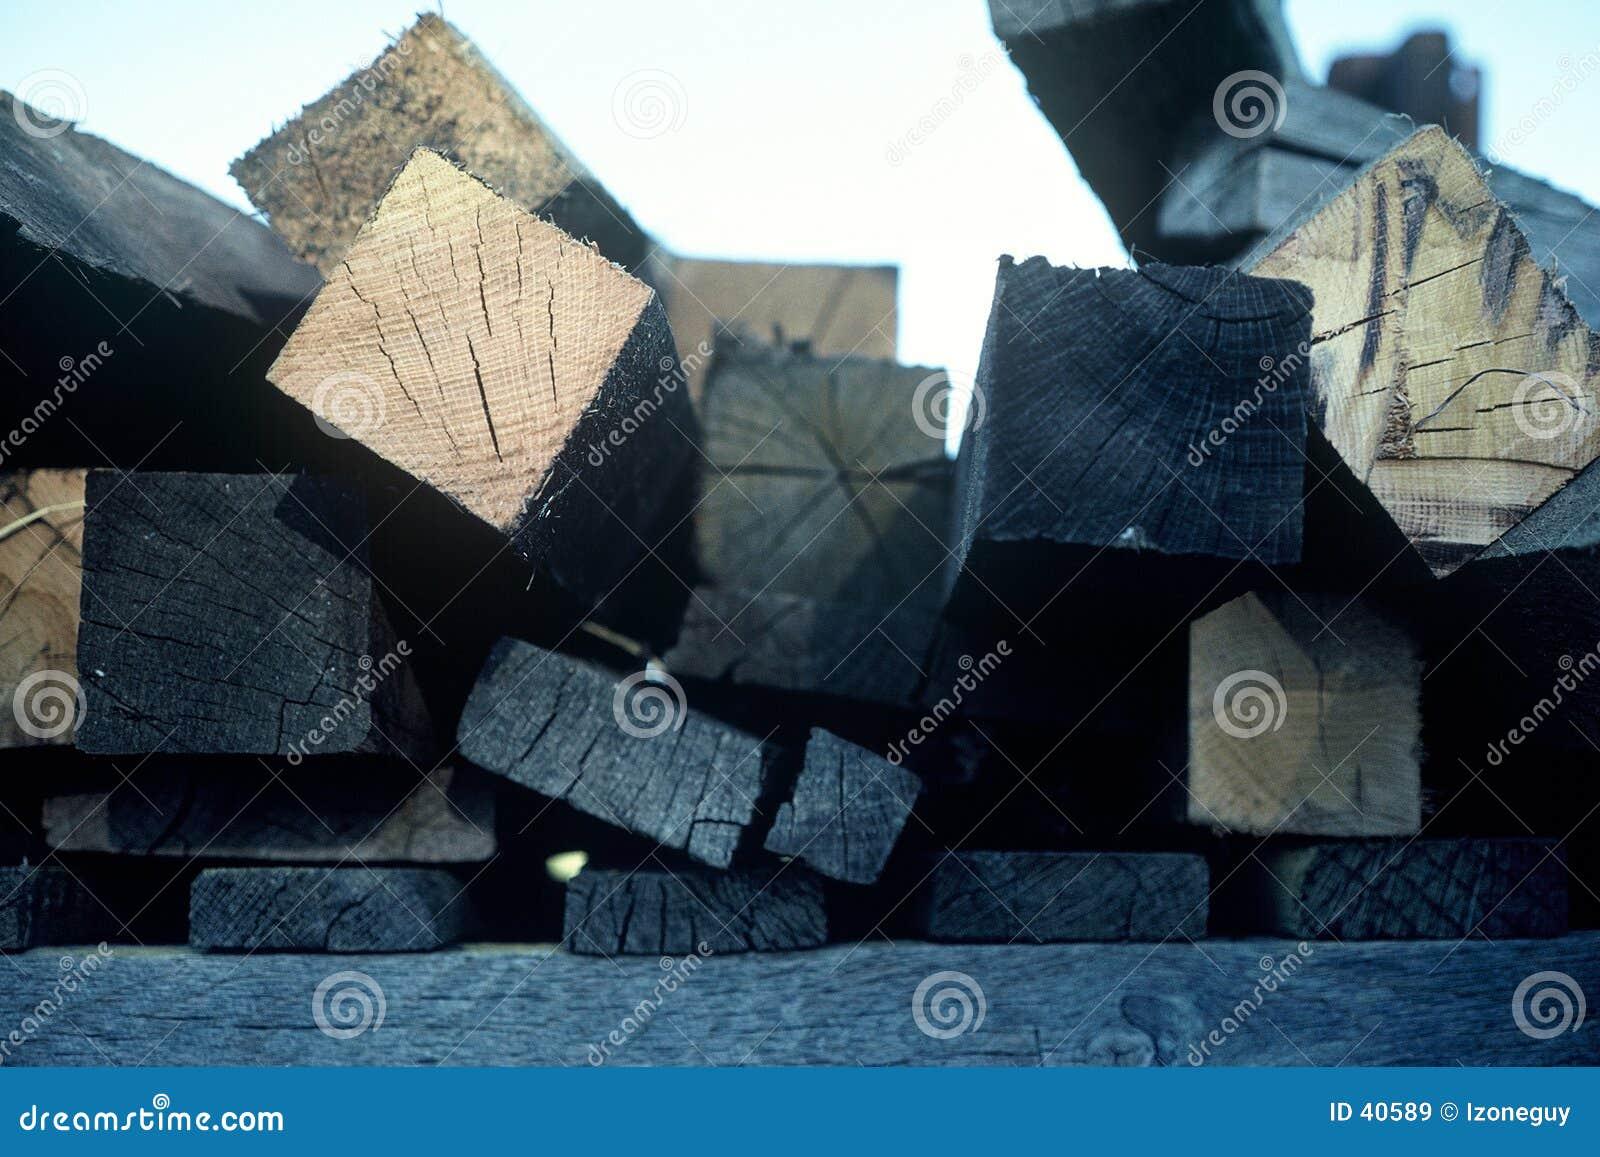 Extrémités de bois de charpente